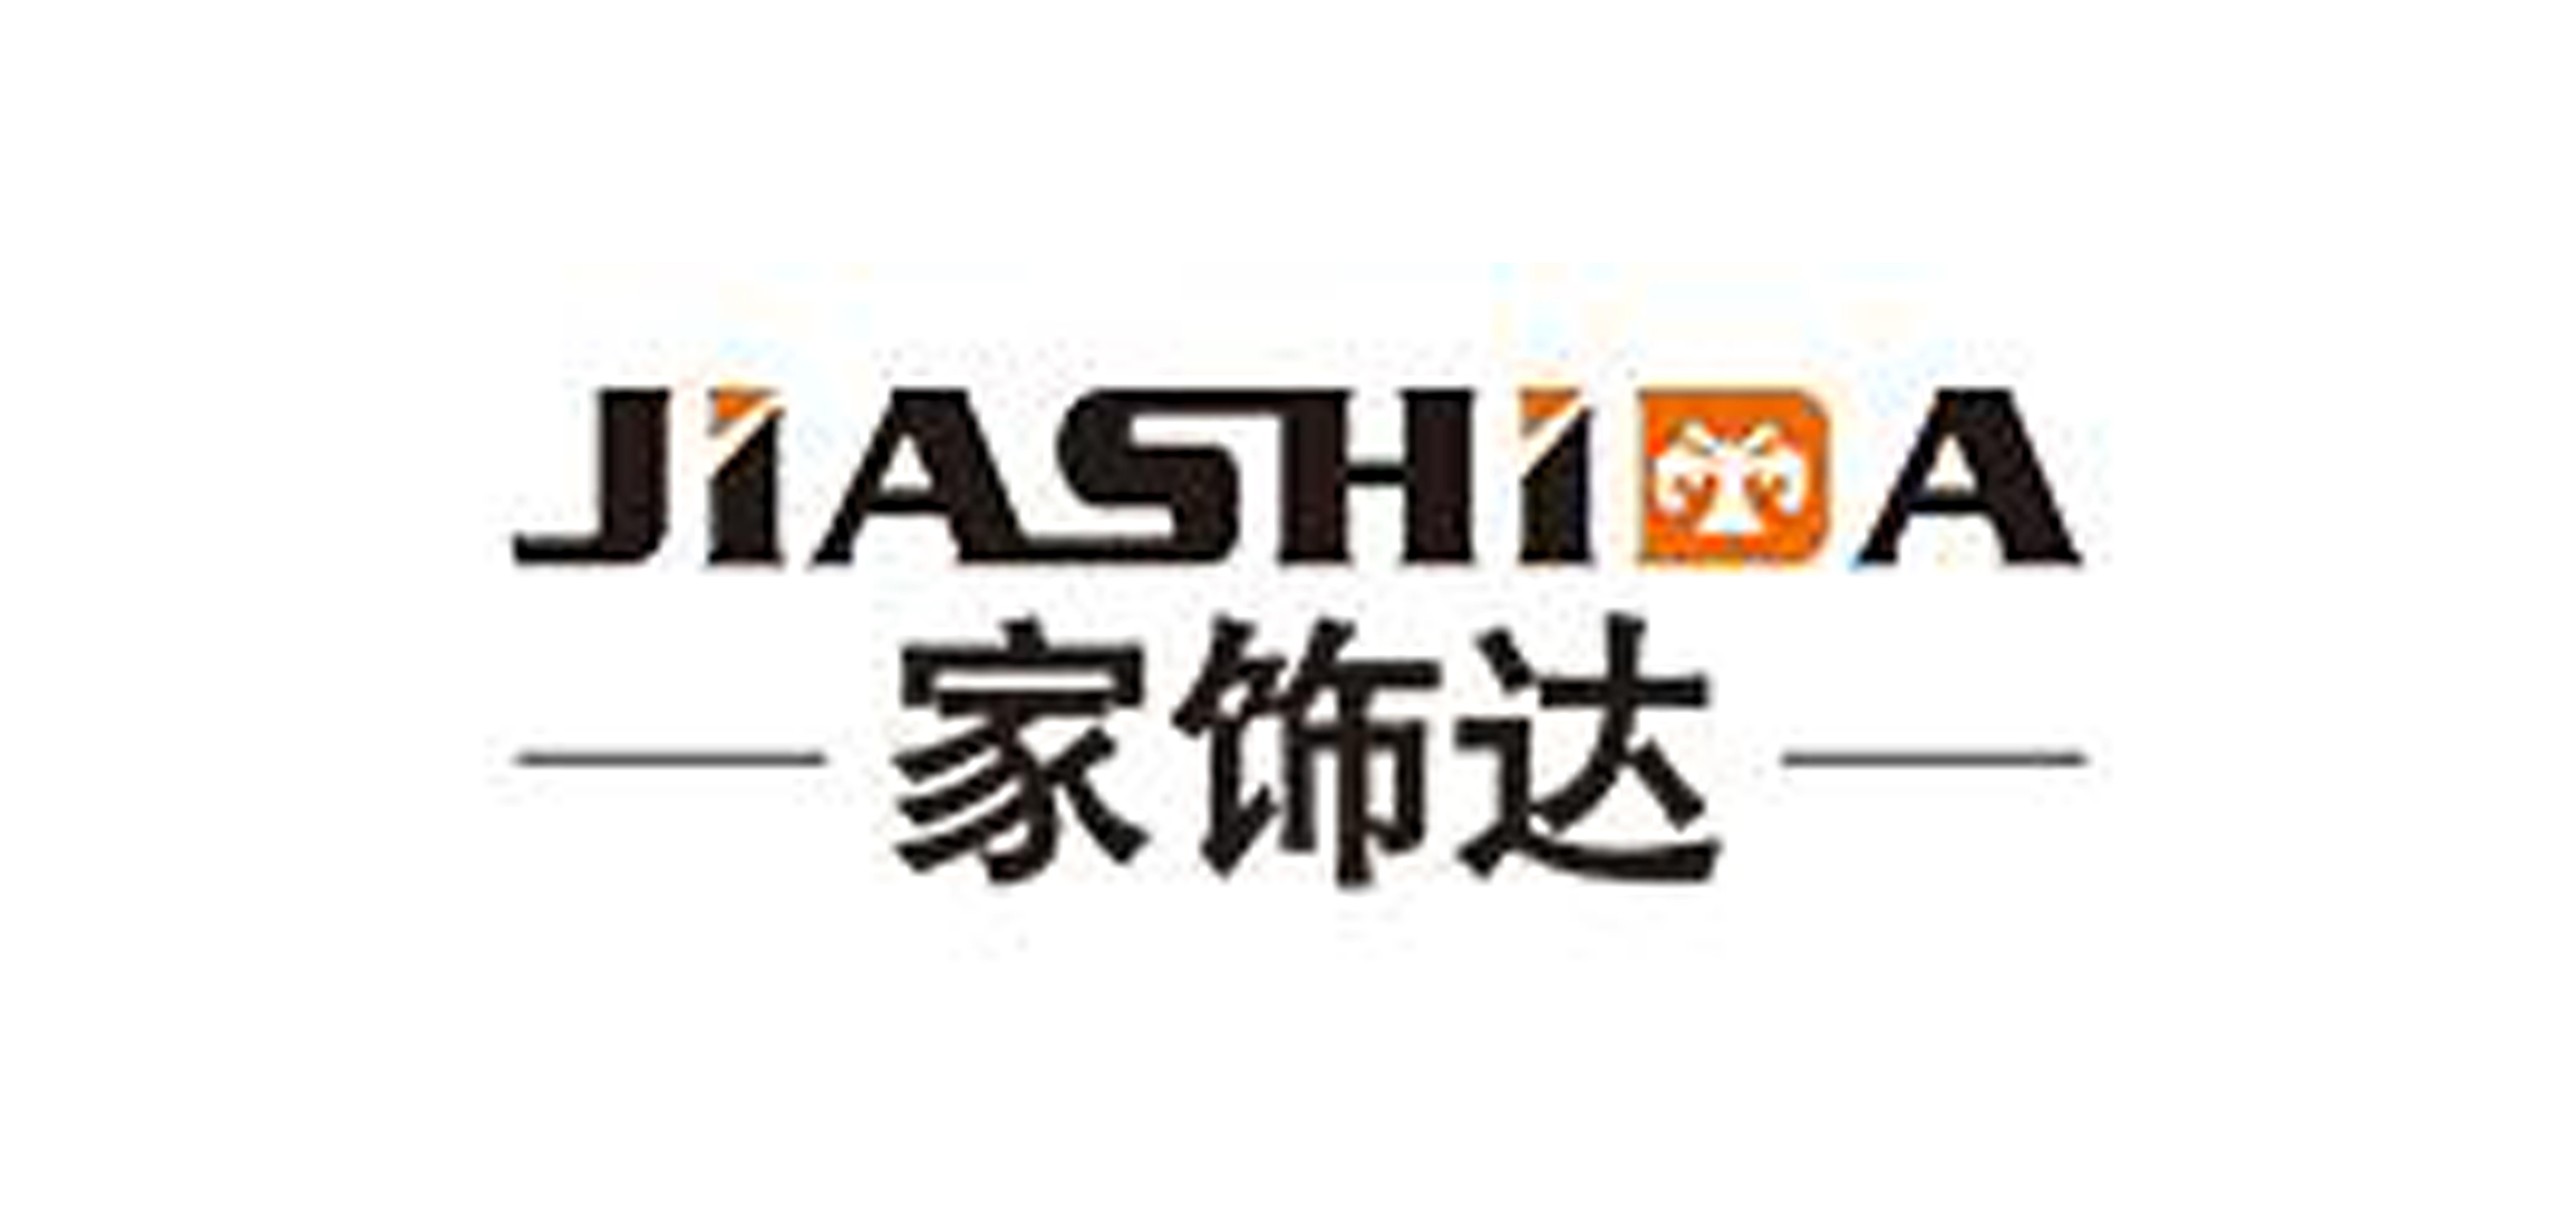 JIASHIDA是什么牌子_家饰达品牌怎么样?